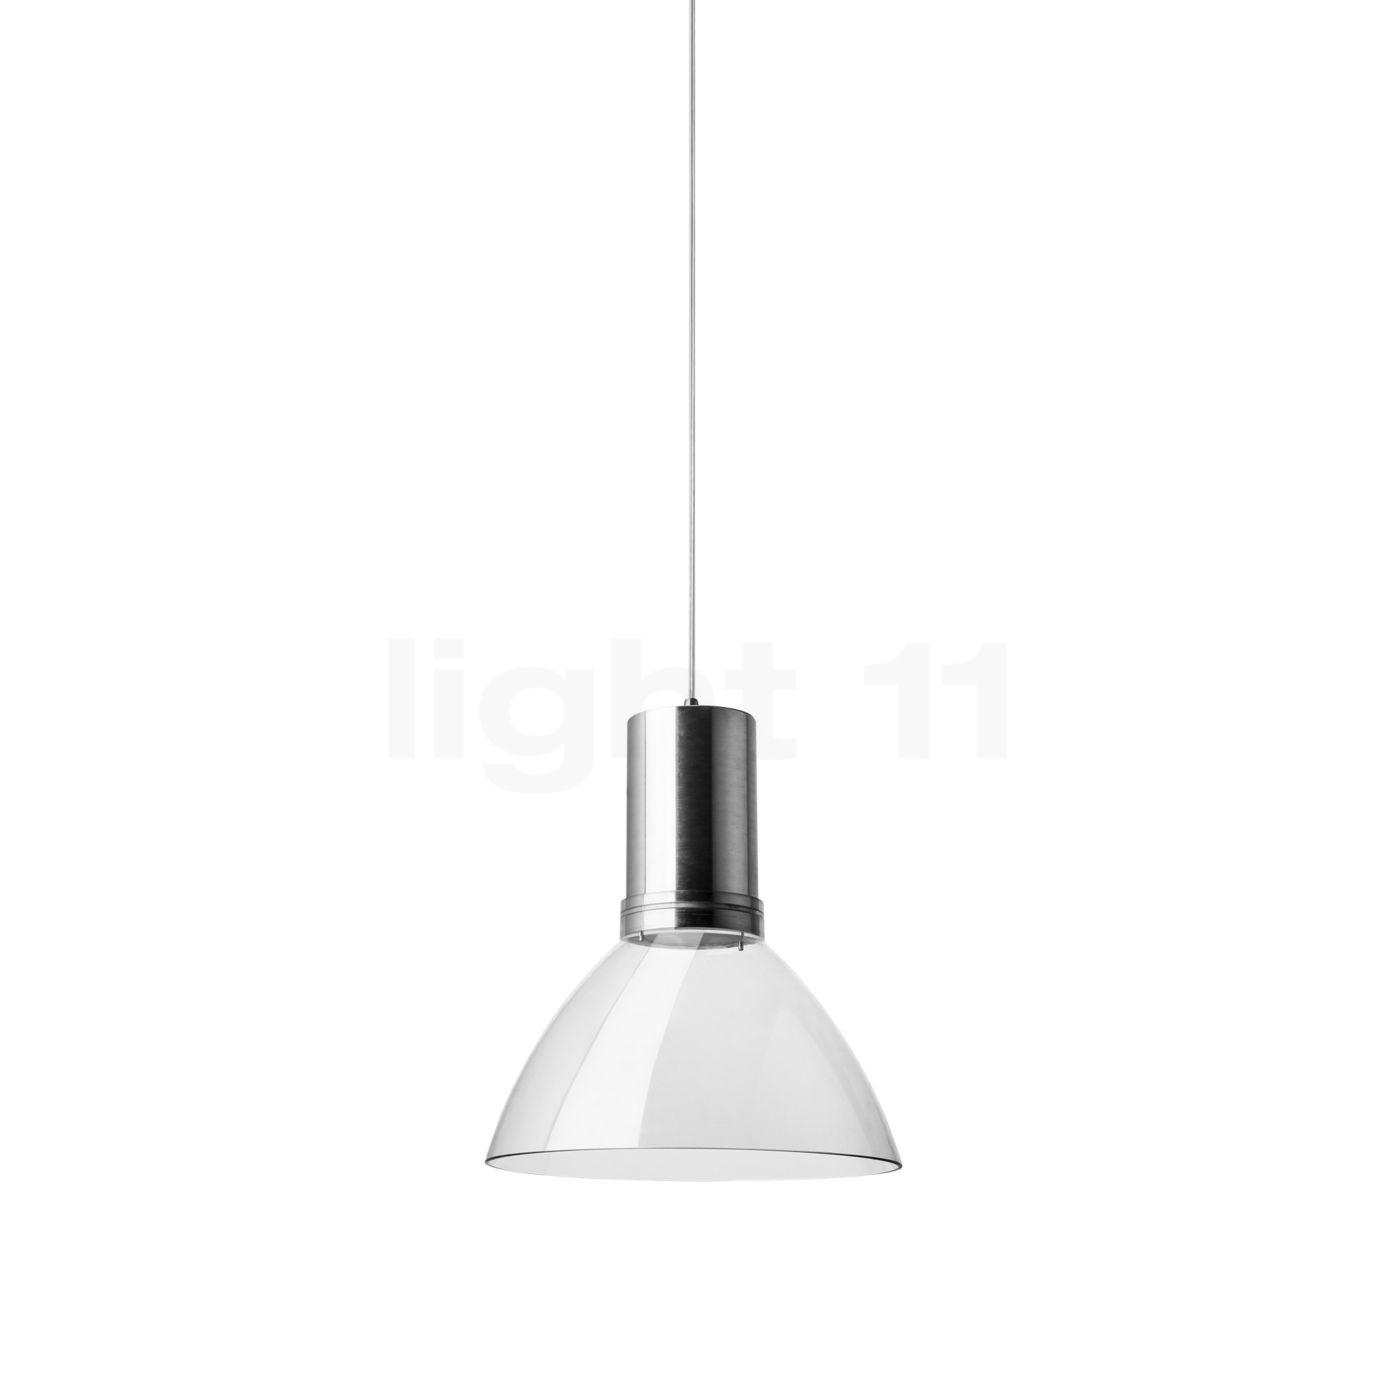 Buy leds c4 bell pendant light led at light11 aloadofball Gallery